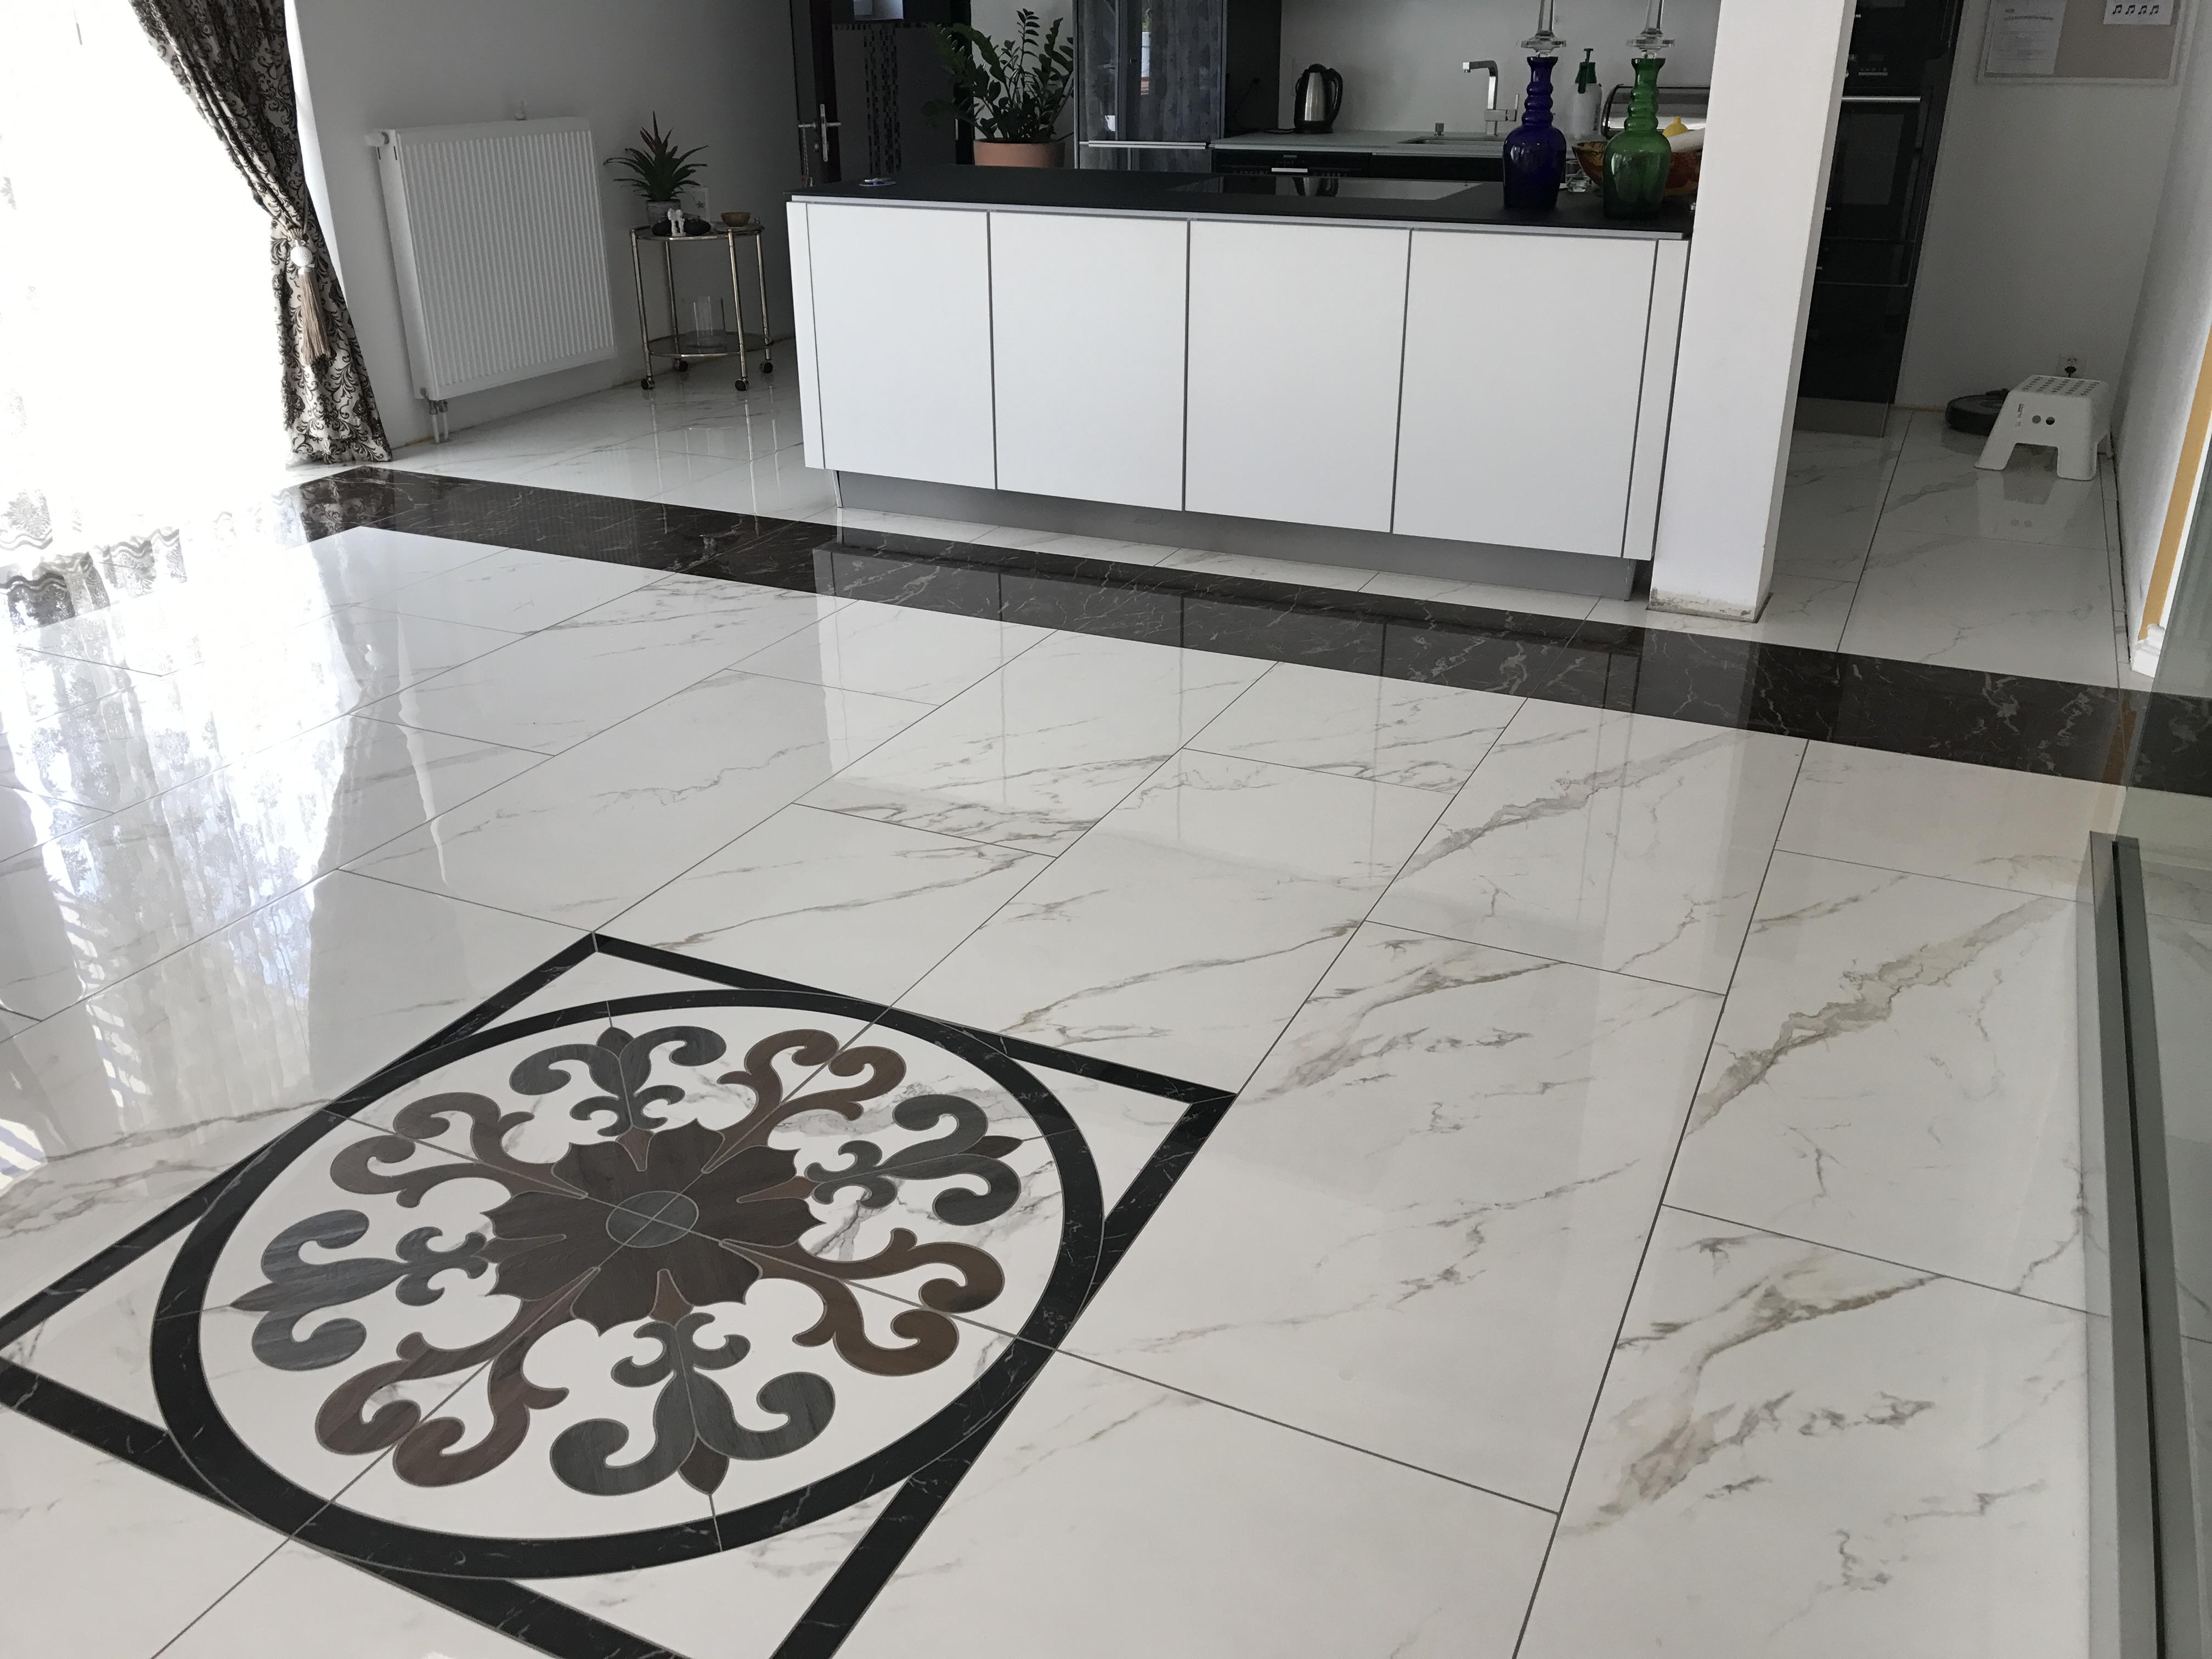 Bodenplatten mit Muster